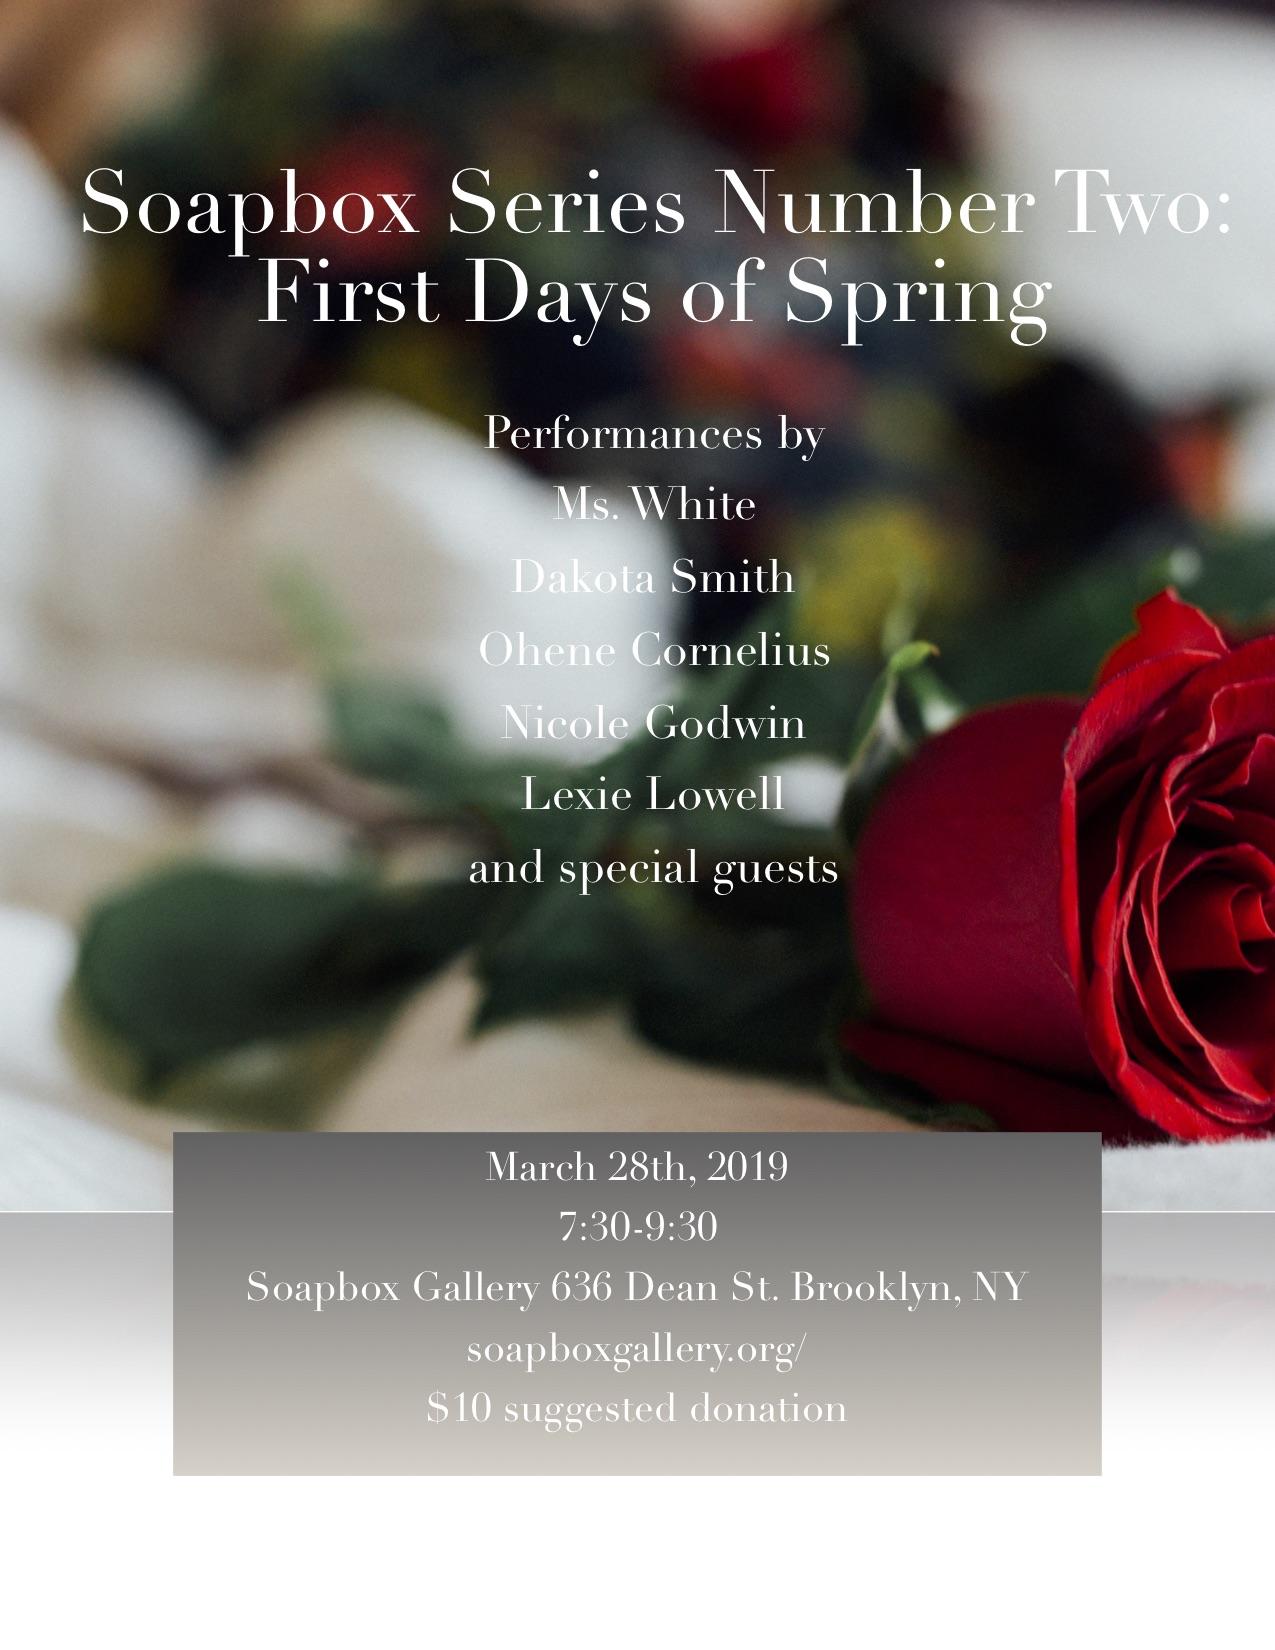 Soapbox Gallery - March 28 2019Brooklyn